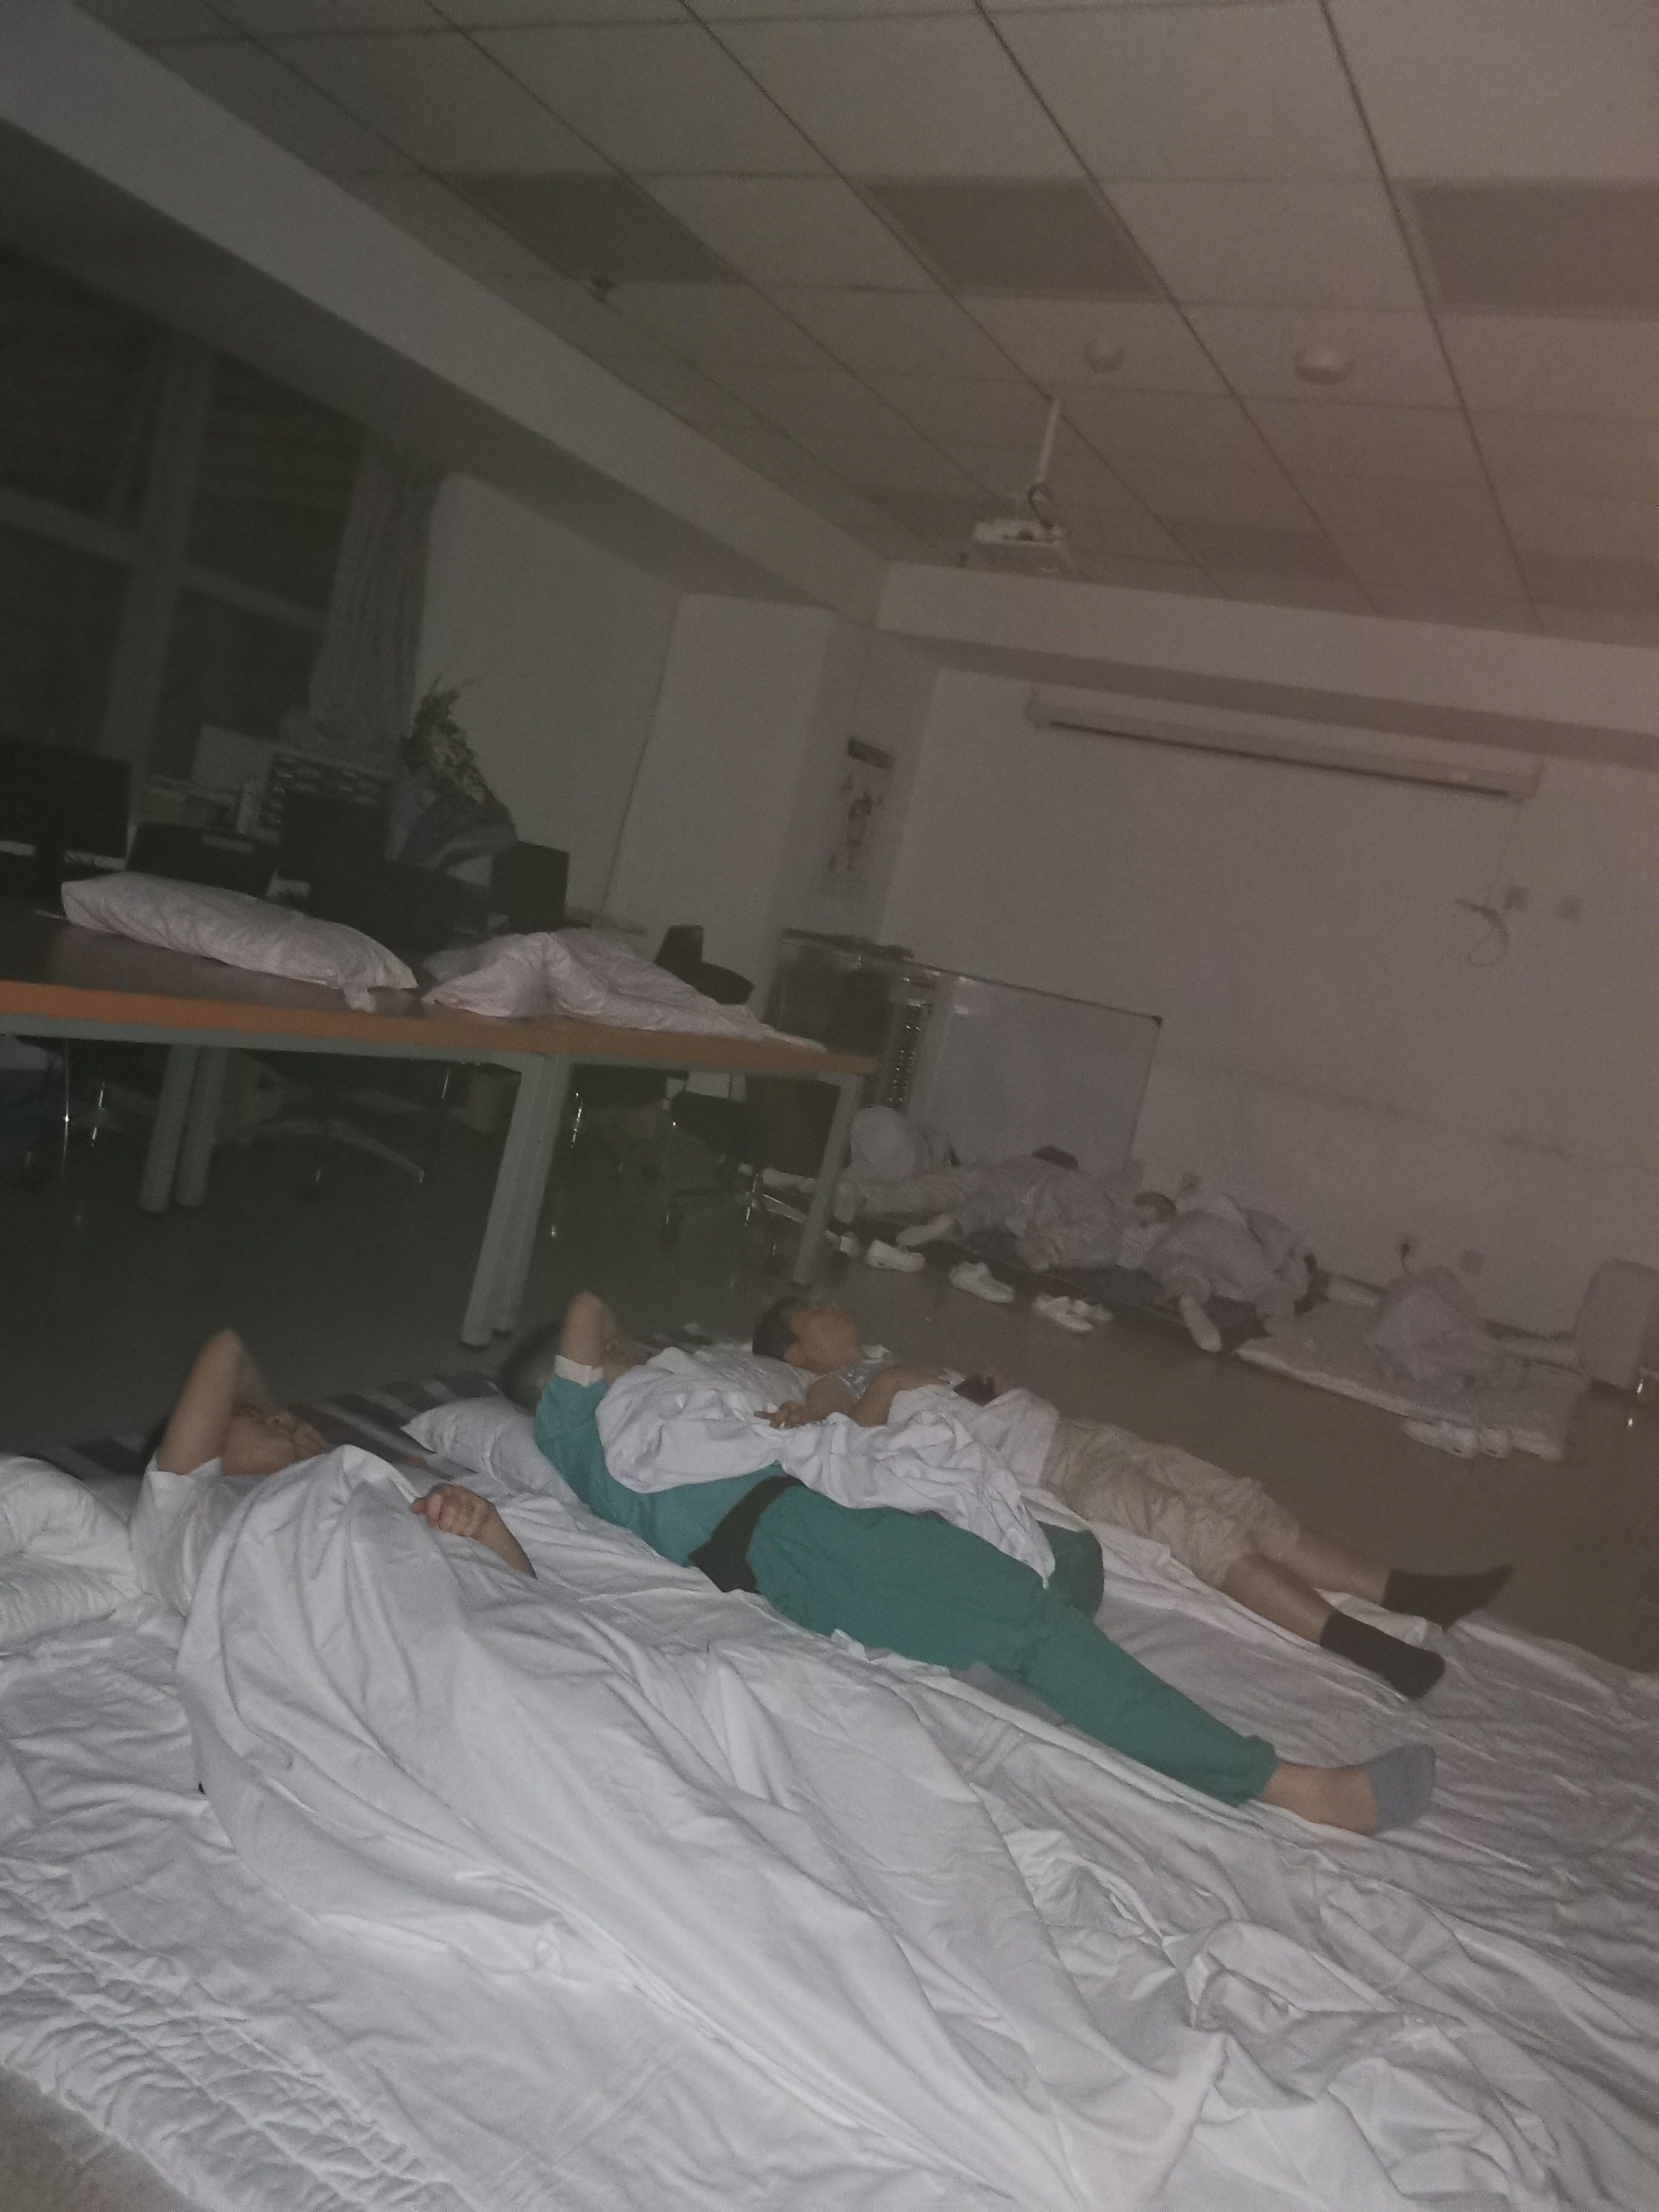 7月20日晚,郑大一附院停电后,方泽民(中)与同事在医院打地铺。受访者供图